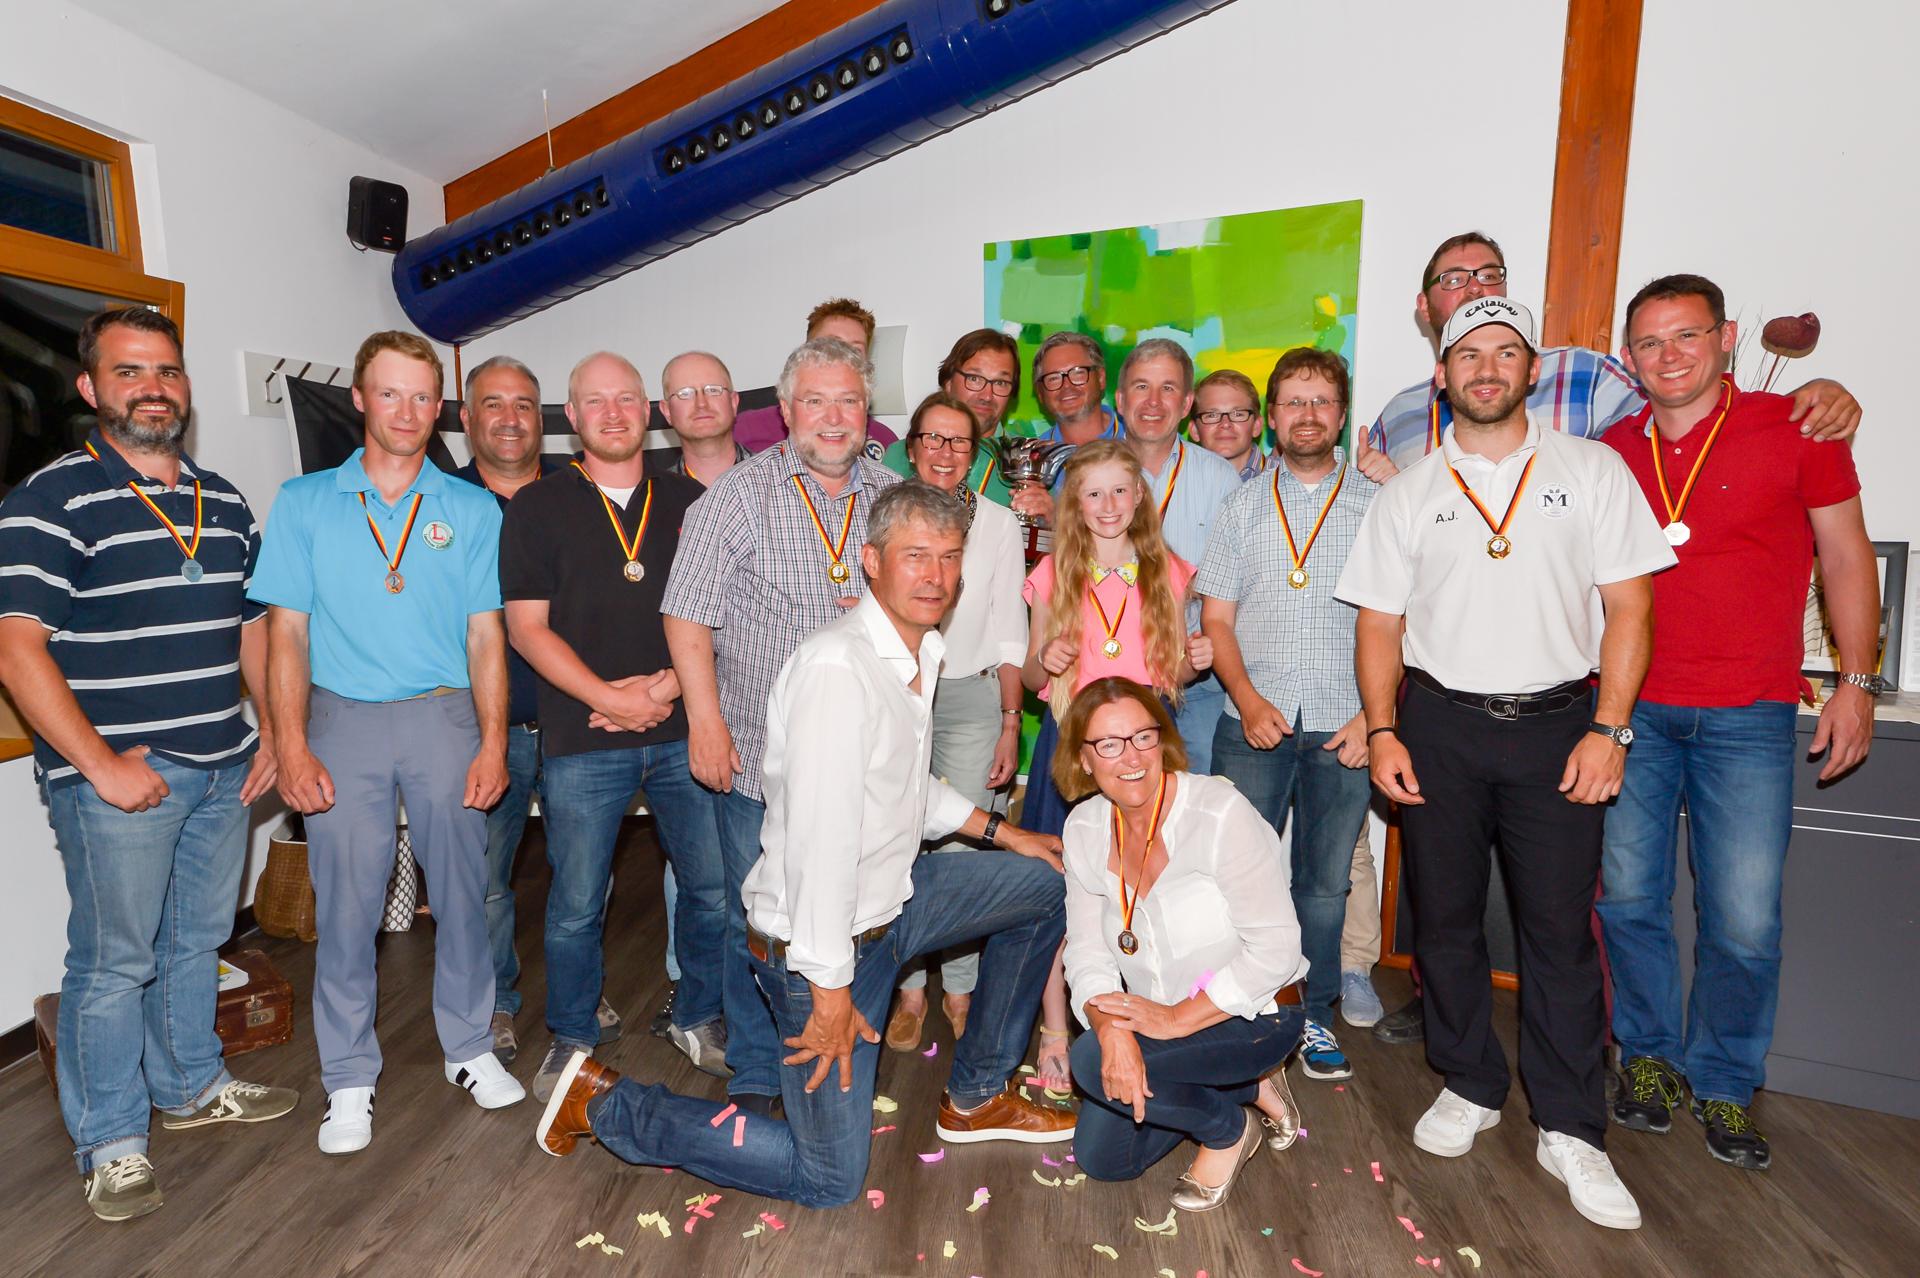 Die Sieger und Platzierten der 10. Deutschen Gehörlosen-Meisterschaften im Golfpark München-Aschheim:  Allen John vom GC St. Leon-Rot (2.v.r) gelang eine 69er Runde. Jungstar Amelie Podbicanin  i.d. Bildmitte. Fotos: Wirtz